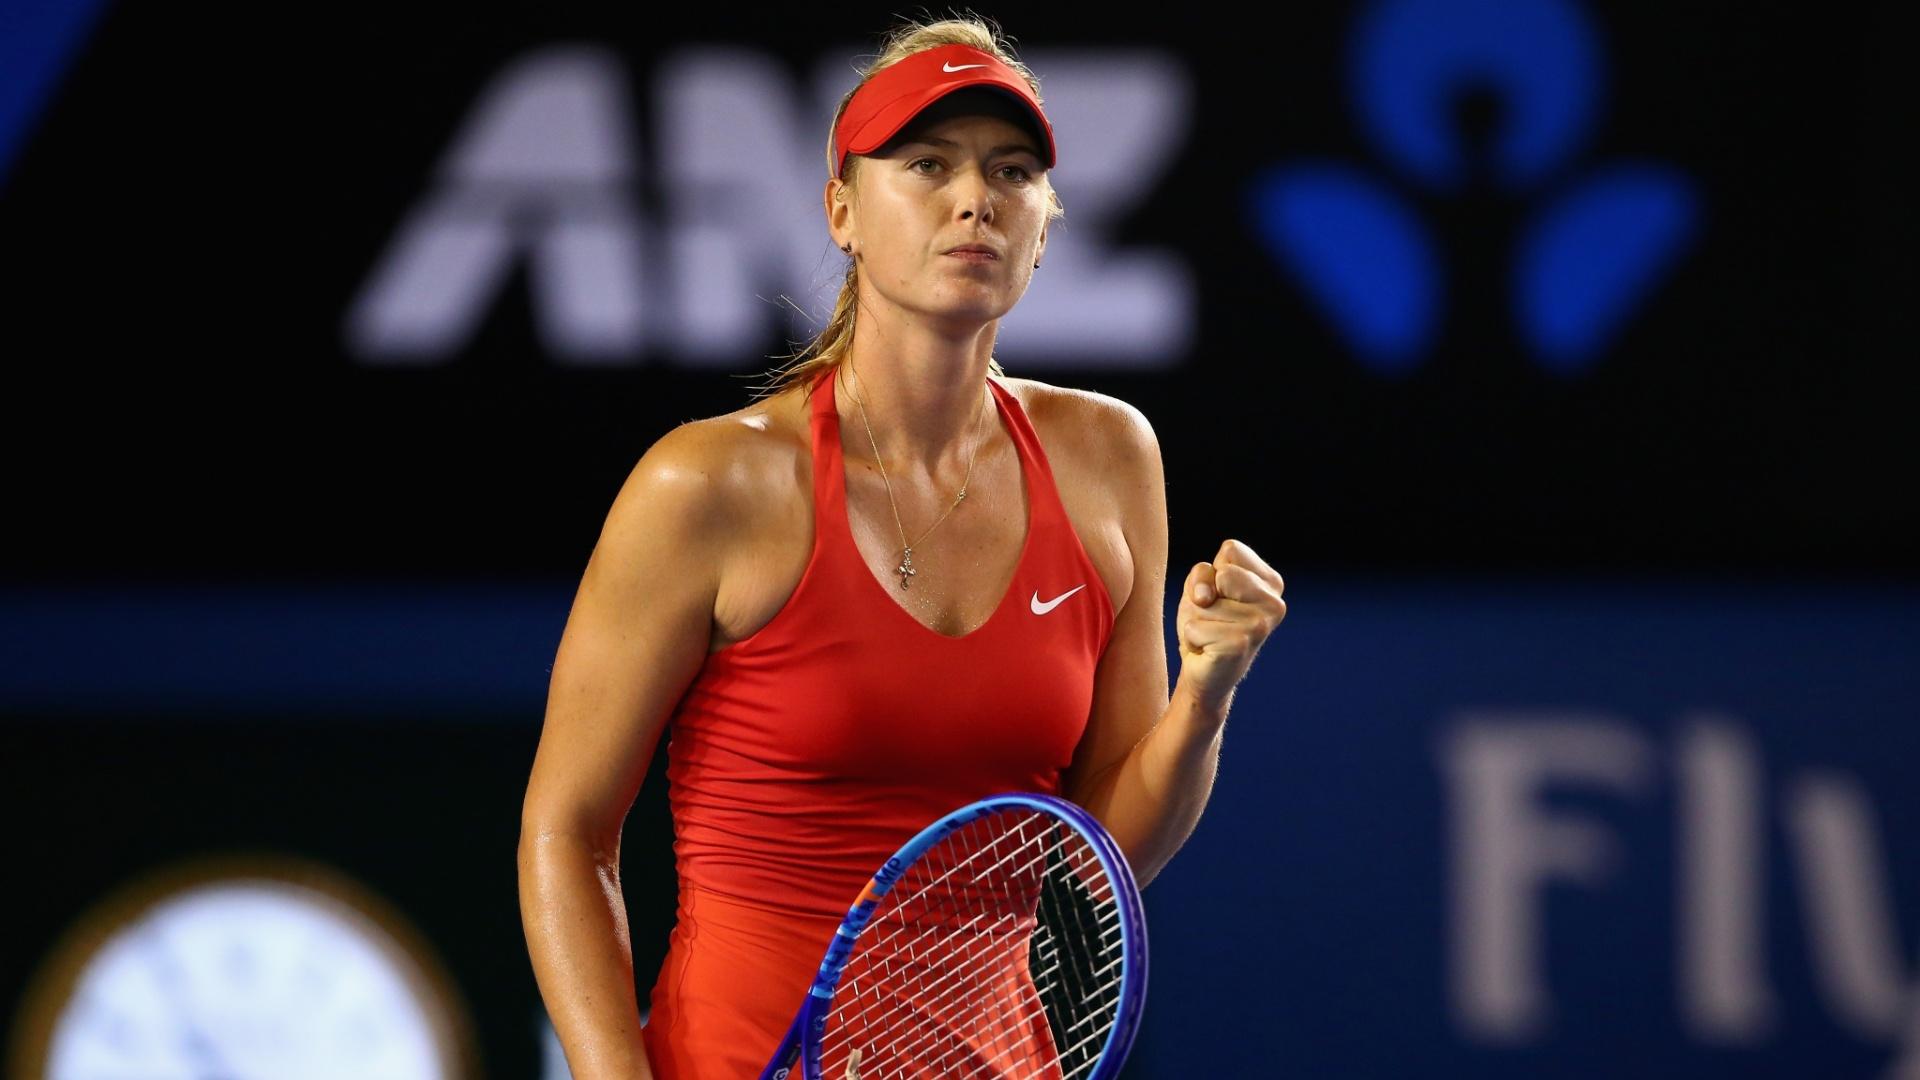 Sharapova comemora ponto conquistado no Aberto da Austrália